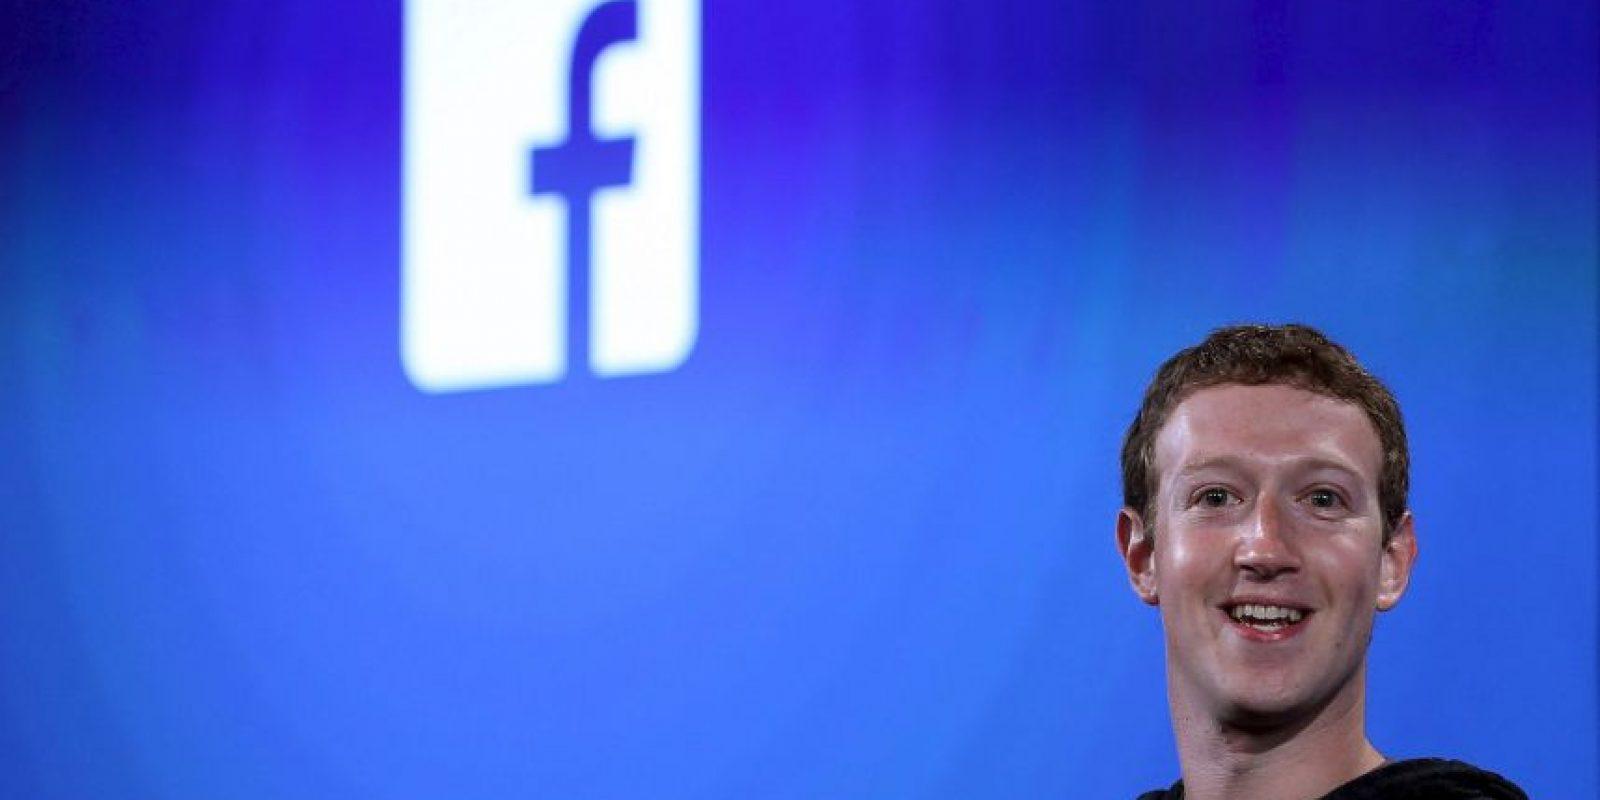 Facebook, al lado de su creador Mark Zuckerberg, asciende escalones poco a poco. Hoy ocupa el cuarto sitio con una fortuna neta de 33 mil 400 millones de dólares. Foto:Getty Images